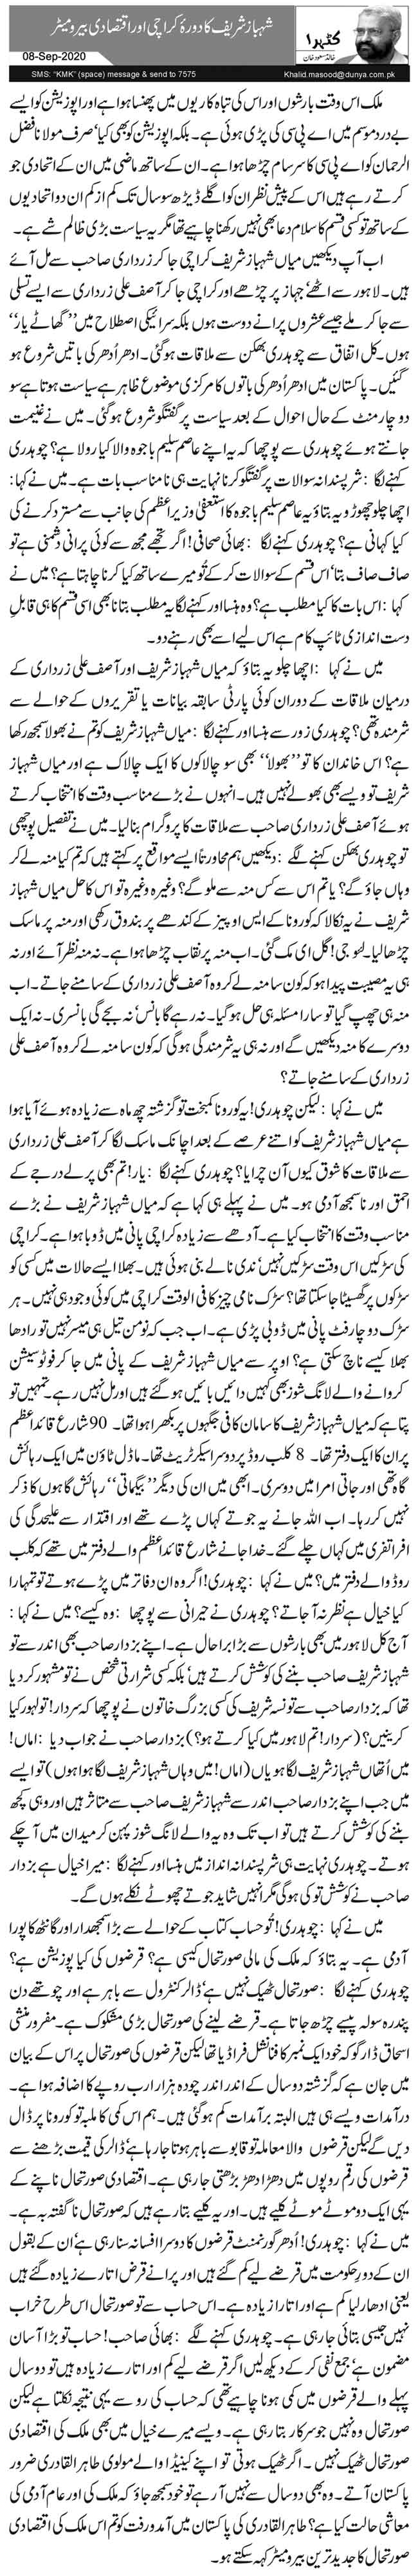 شہباز شریف کا دورۂ کراچی اور اقتصادی بیرو میٹر